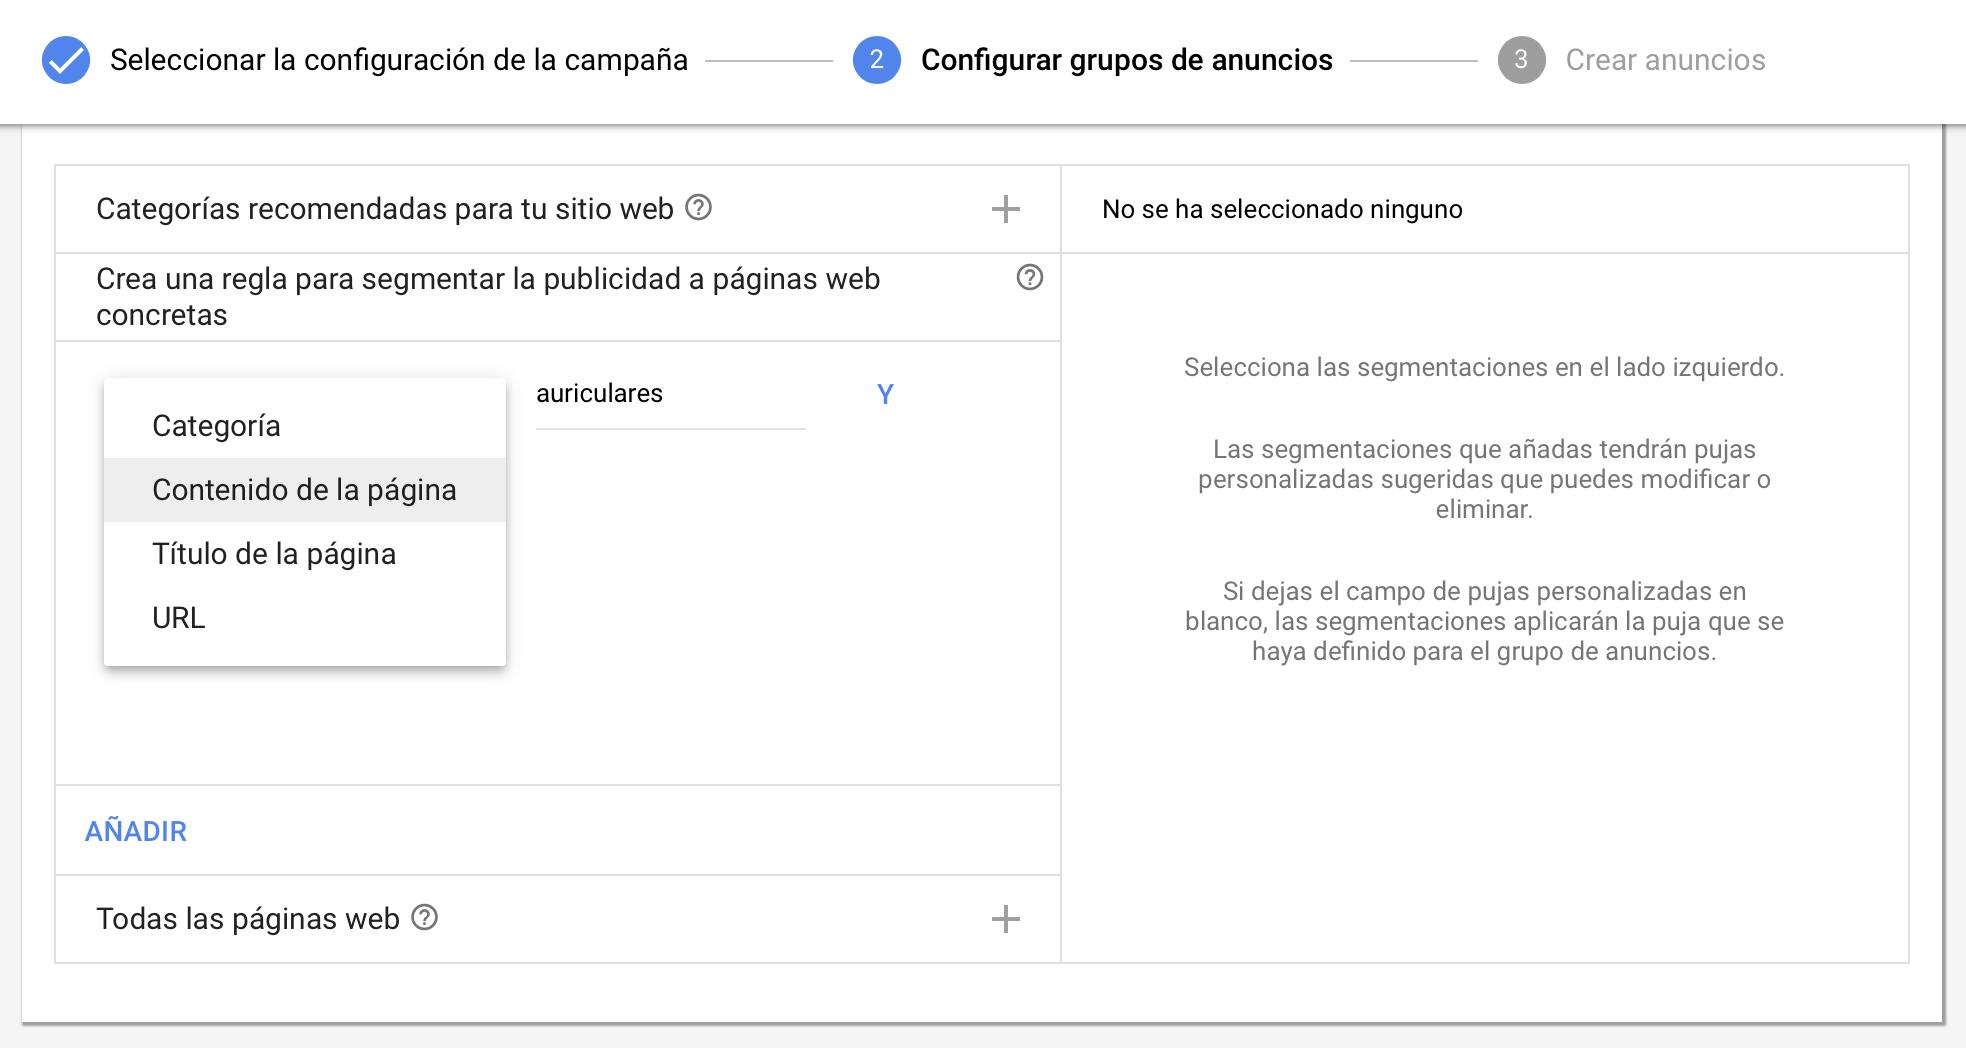 Anuncios dinámicos de búqueda - Configuracion - Opción alternativa